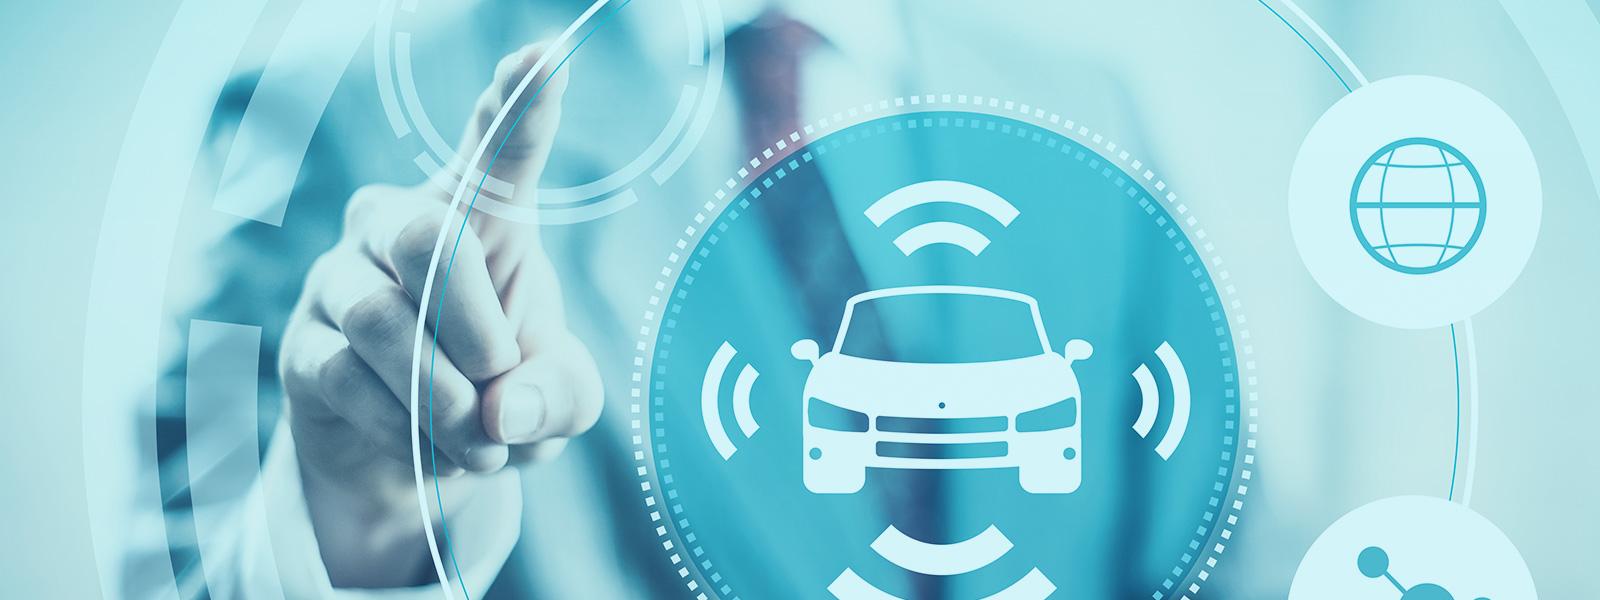 google-ford-uber-querem-acelerar-entrada-carros-autonomos-blog-ceabs